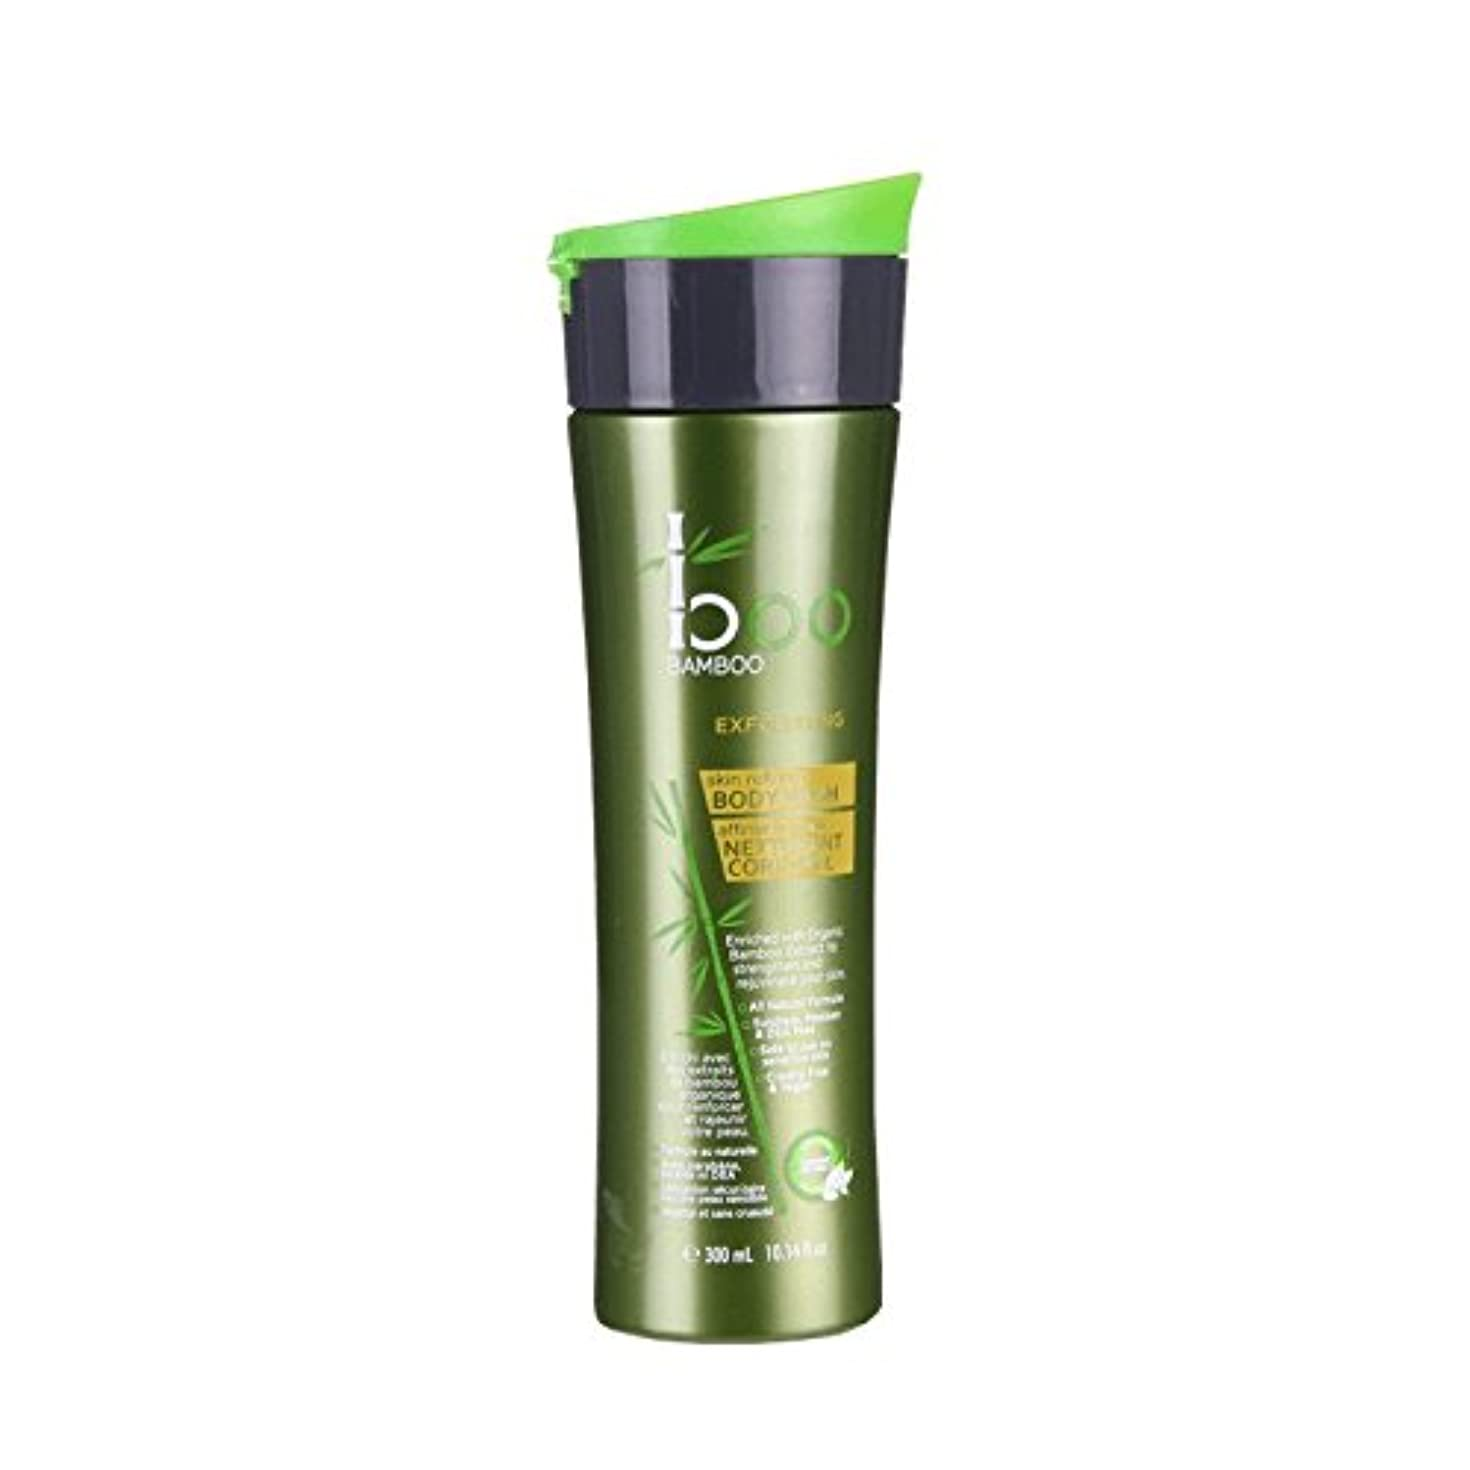 興味市民権代わりにBoo Bamboo Exfoliating Body Wash 300ml (Pack of 6) - 竹ピーリングボディウォッシュ300ミリリットルブーイング (x6) [並行輸入品]